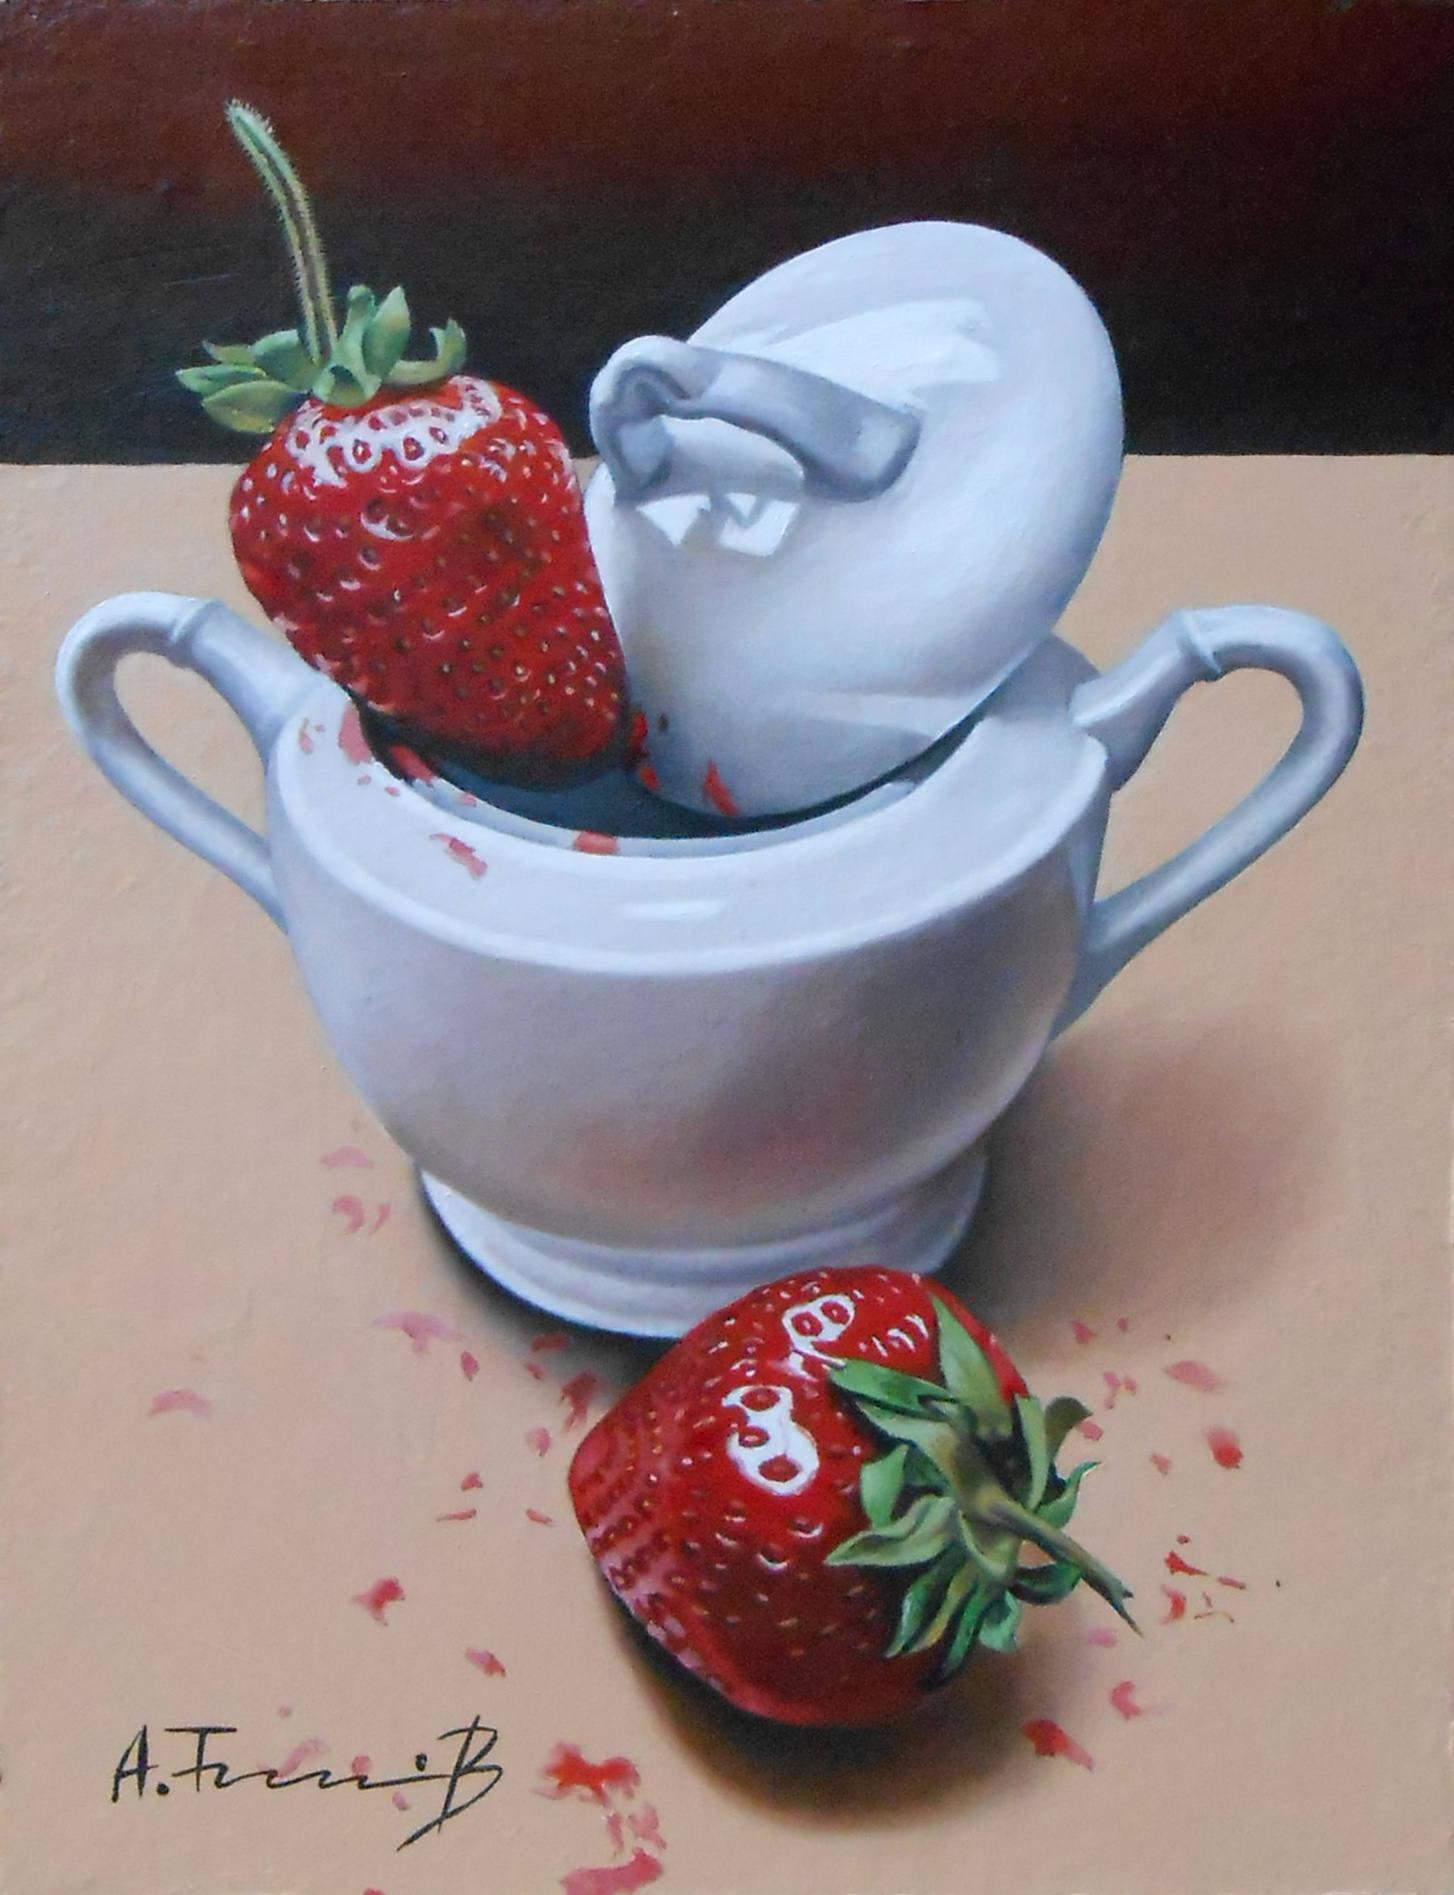 Strawberry in a Sugar Bowl